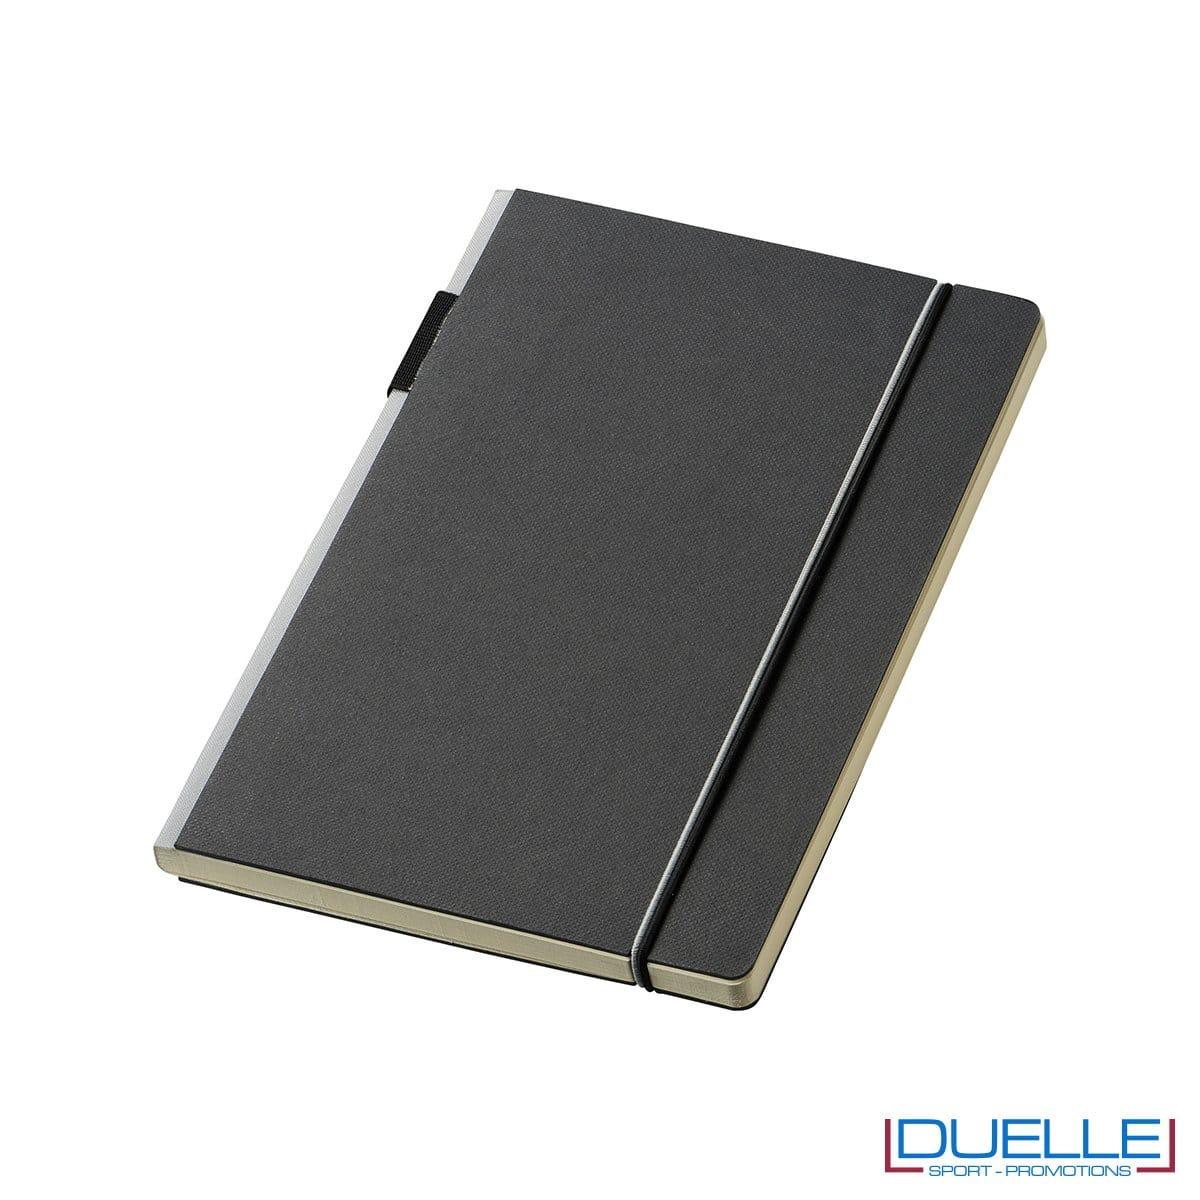 Blocco per appunti personalizzato JOURLABOOKS con elastico grigio formato A5, quaderni promozionali personalizzabili colore grigio